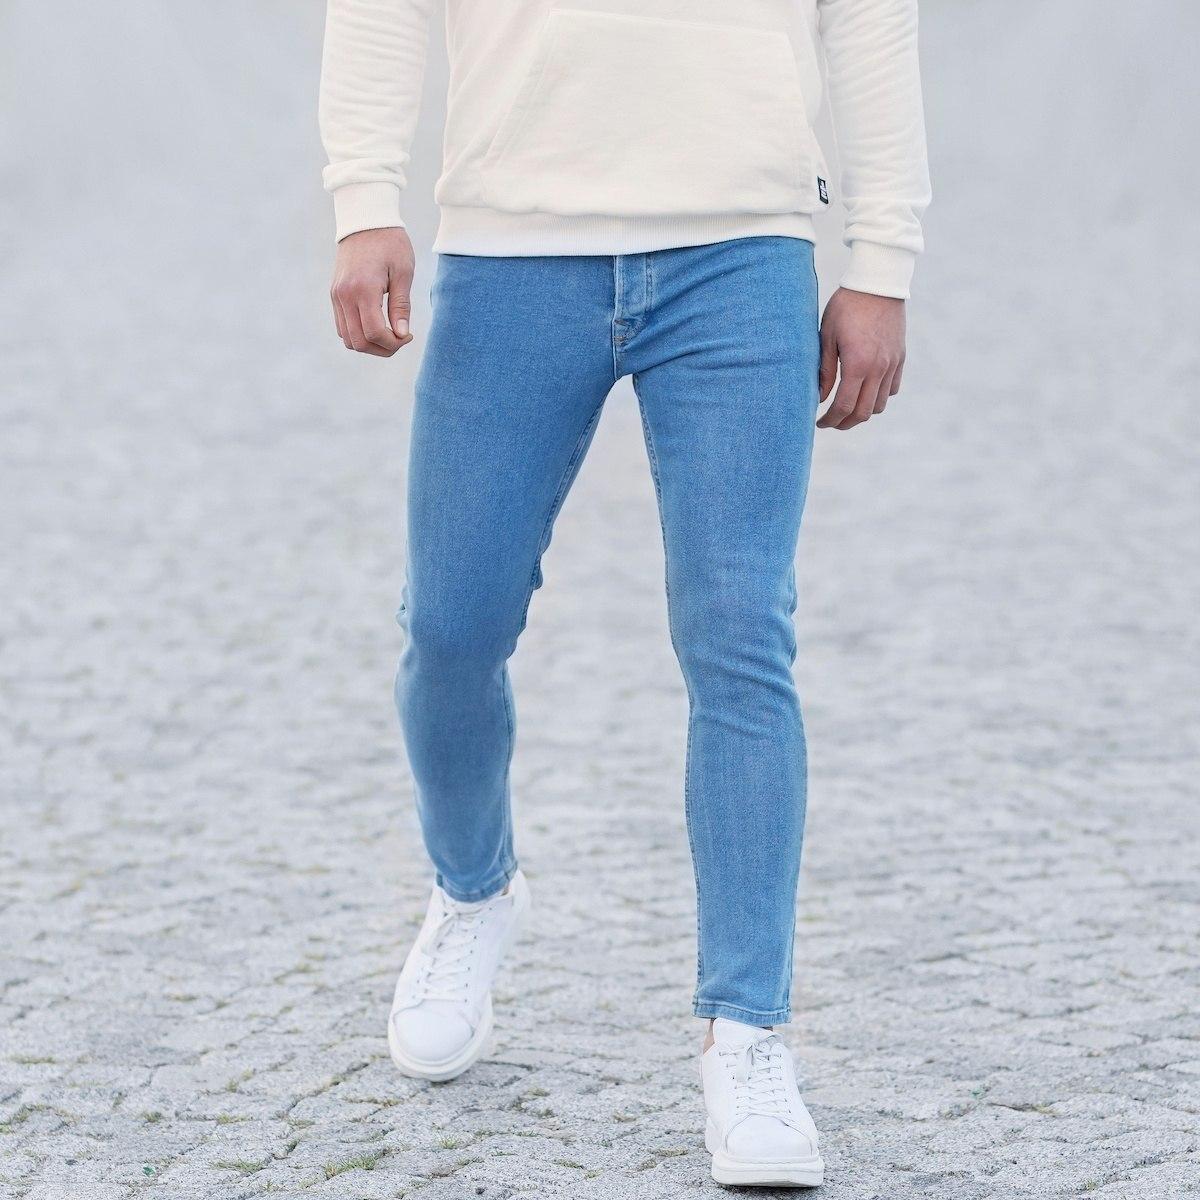 Men's Basic Skinny Jeans In Ice Blue